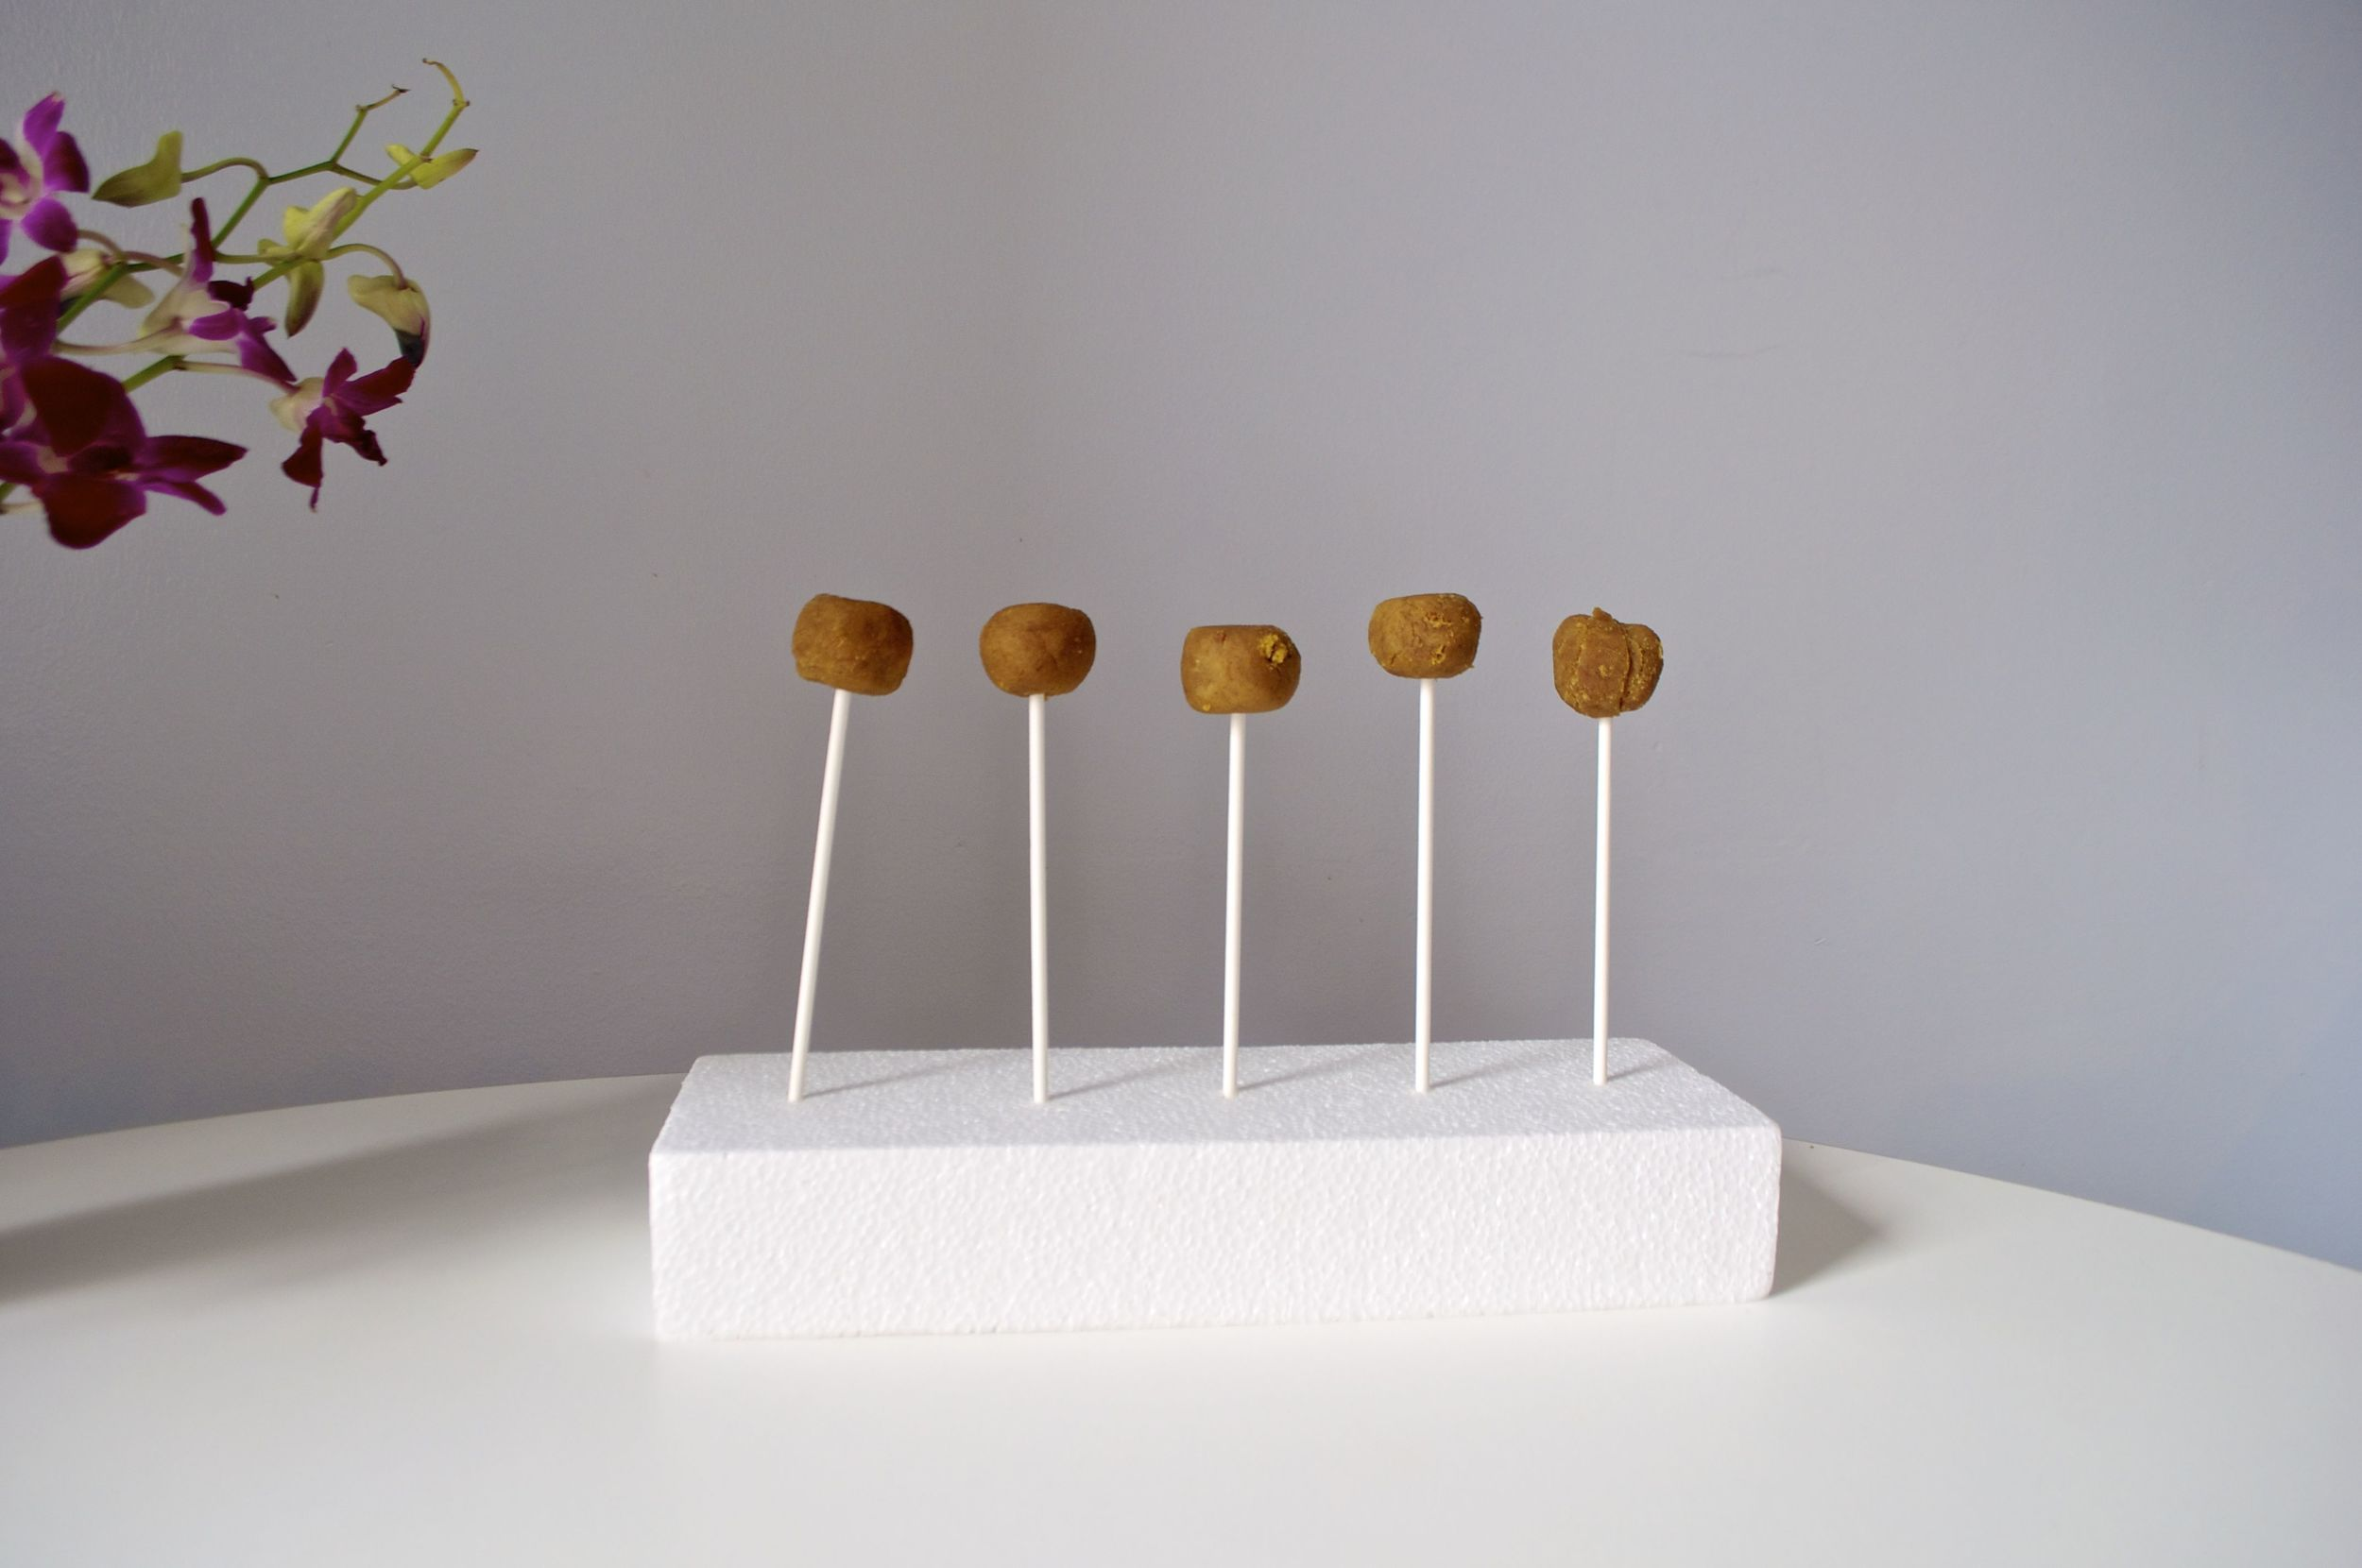 pumpkin-cake-pops-fried-parsley